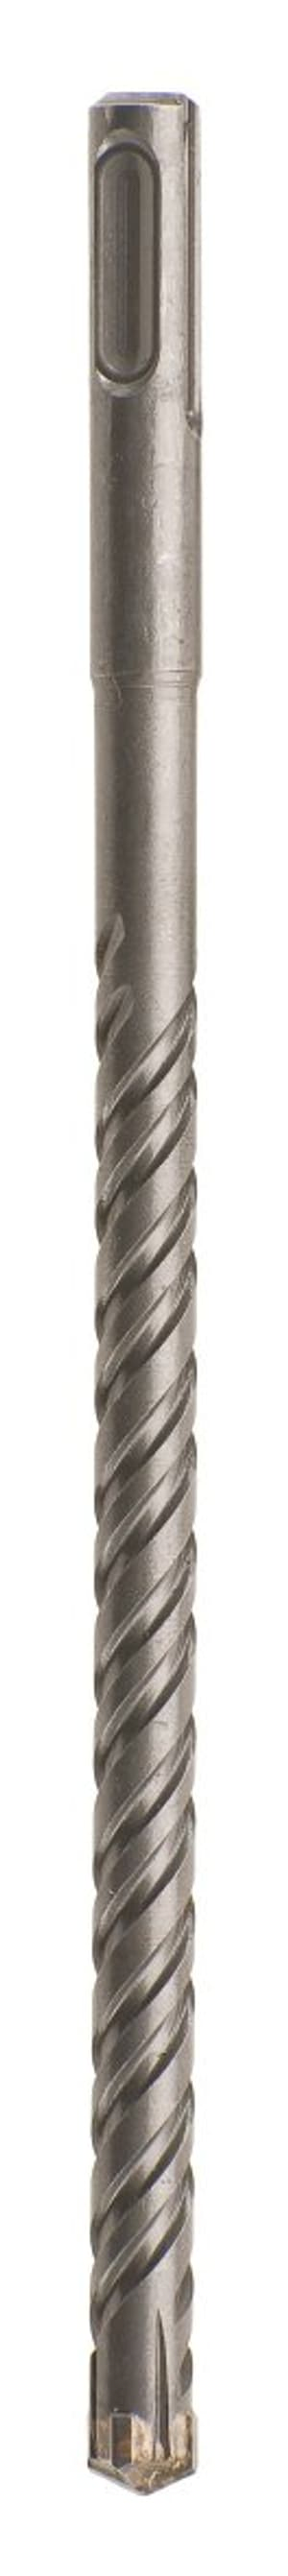 Hammerbohrer, 210/150 mm, ø 8 mm